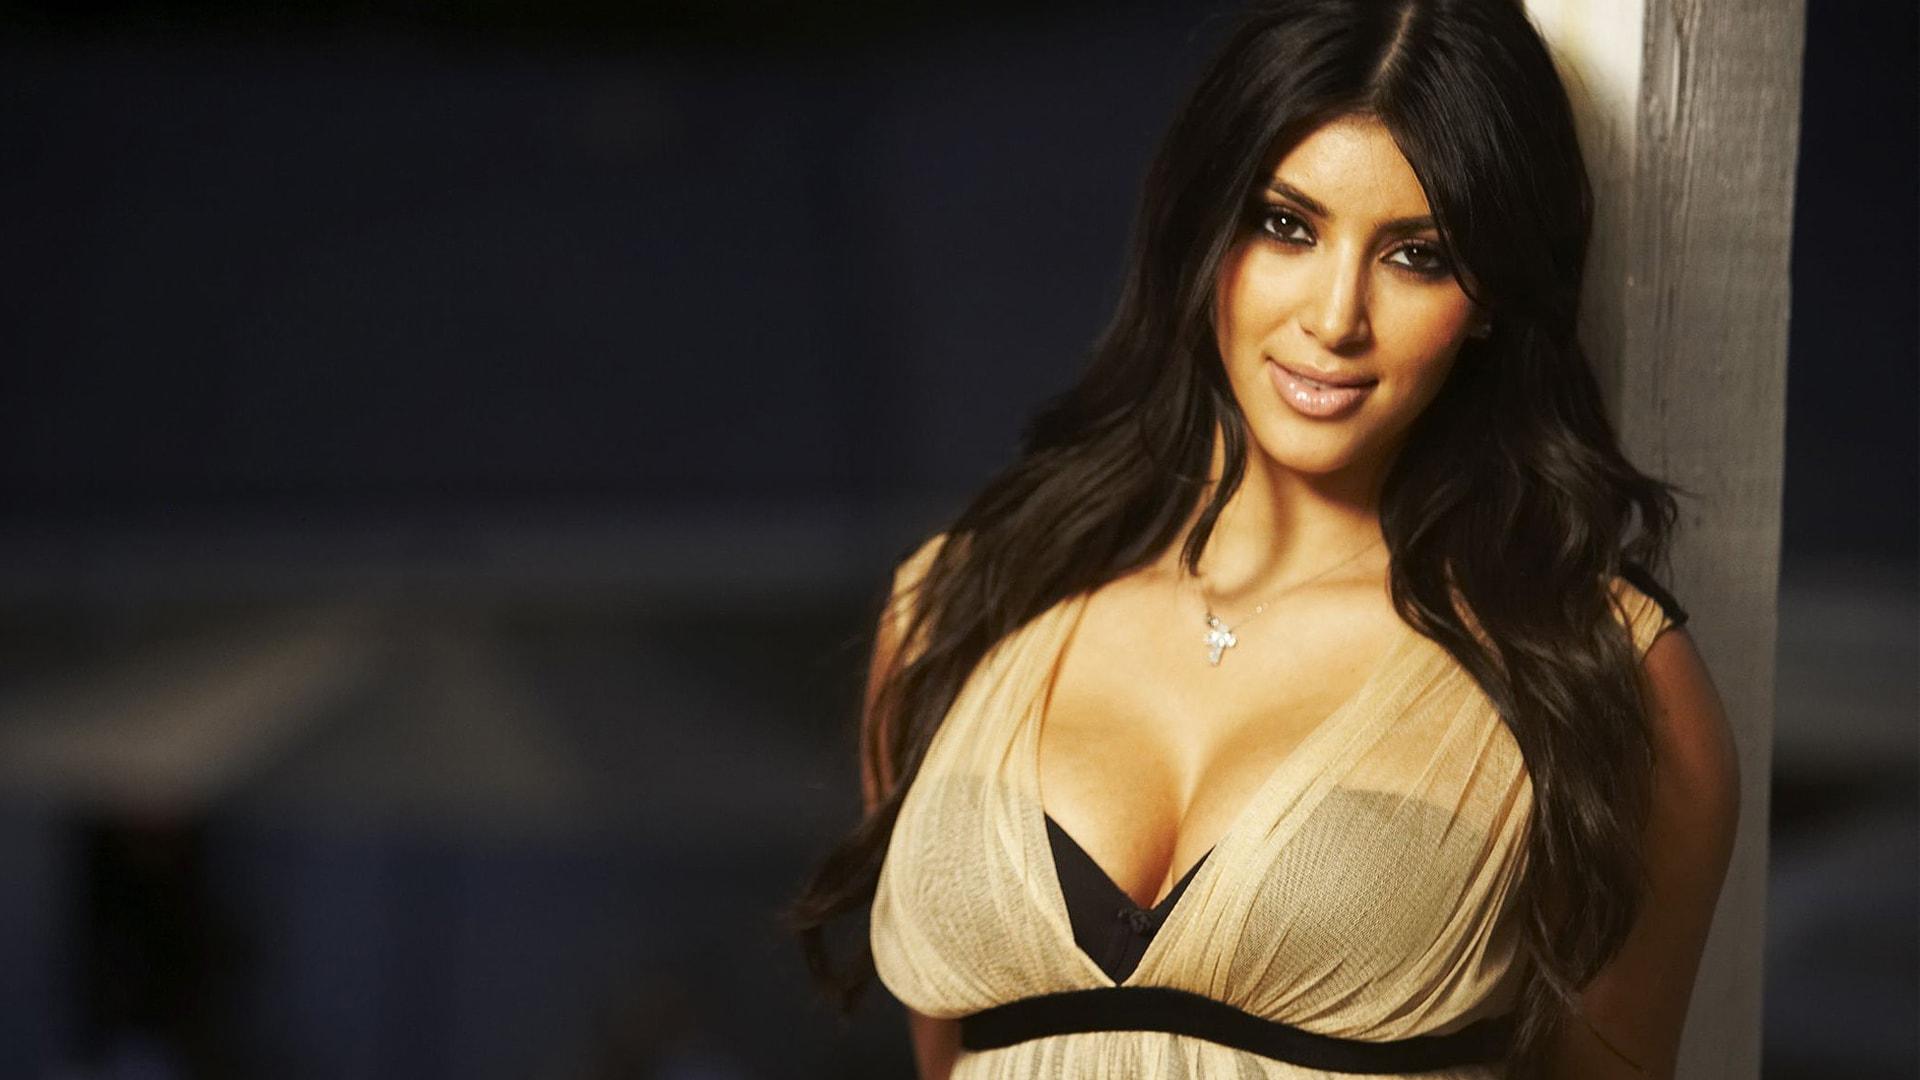 Kim Kardashian Wallpapers hd